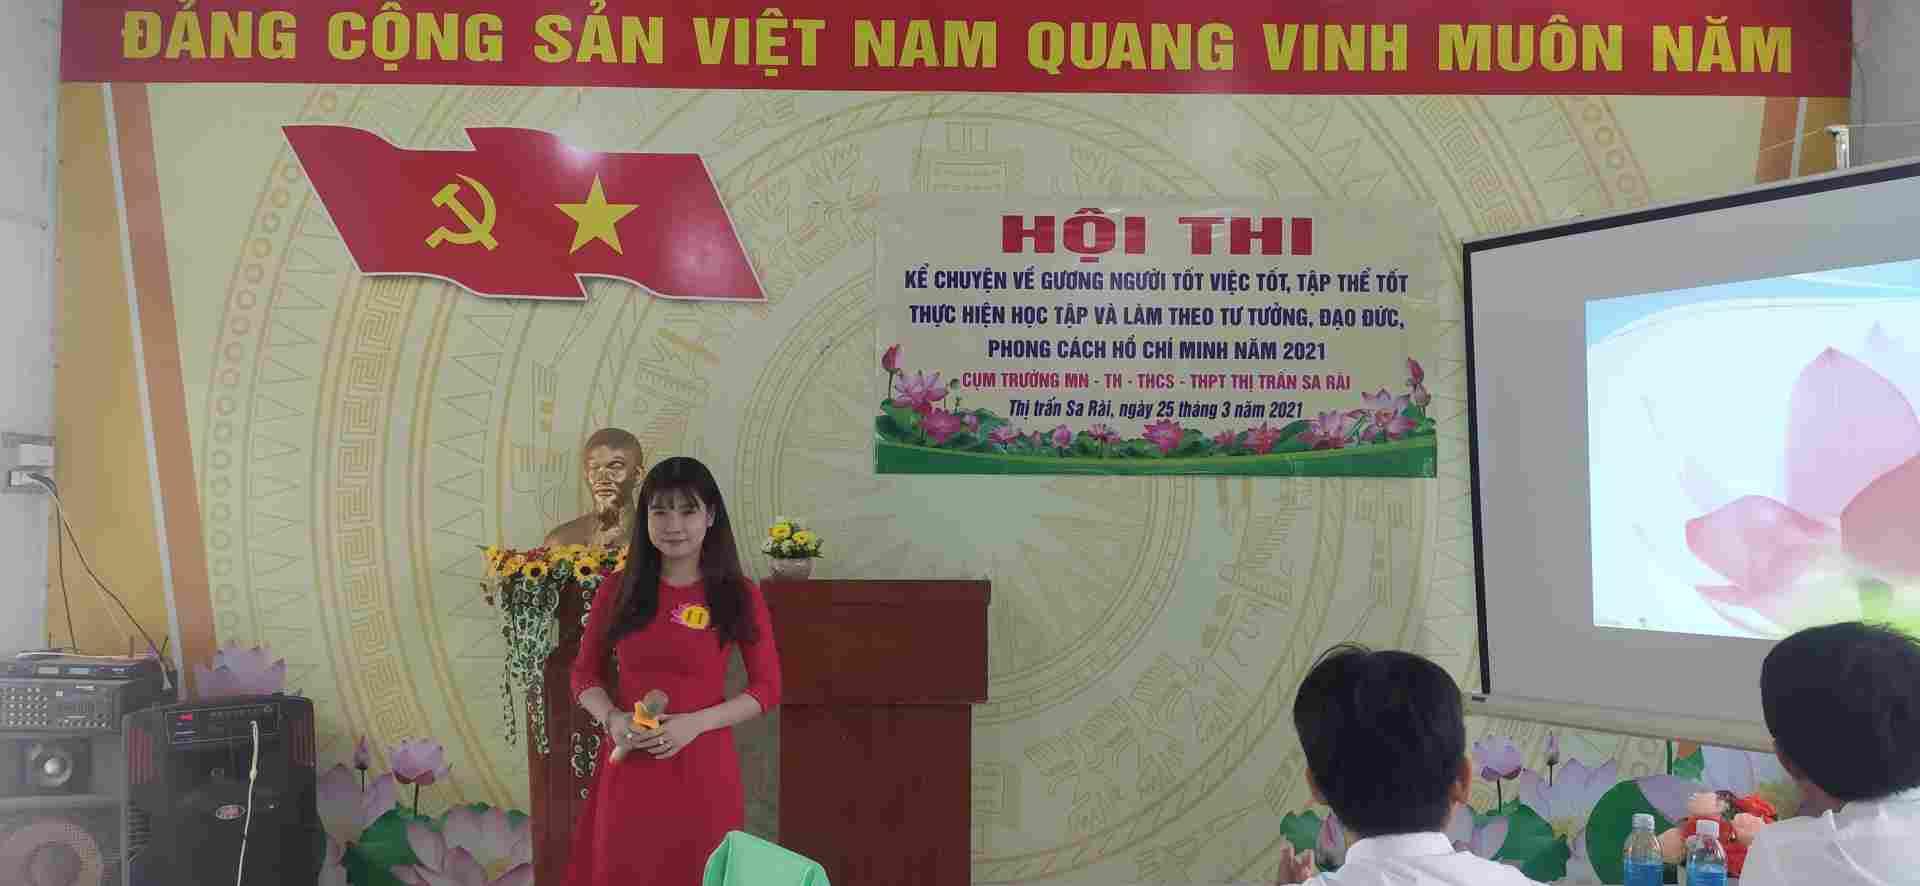 Tuyet Trang-MNTT